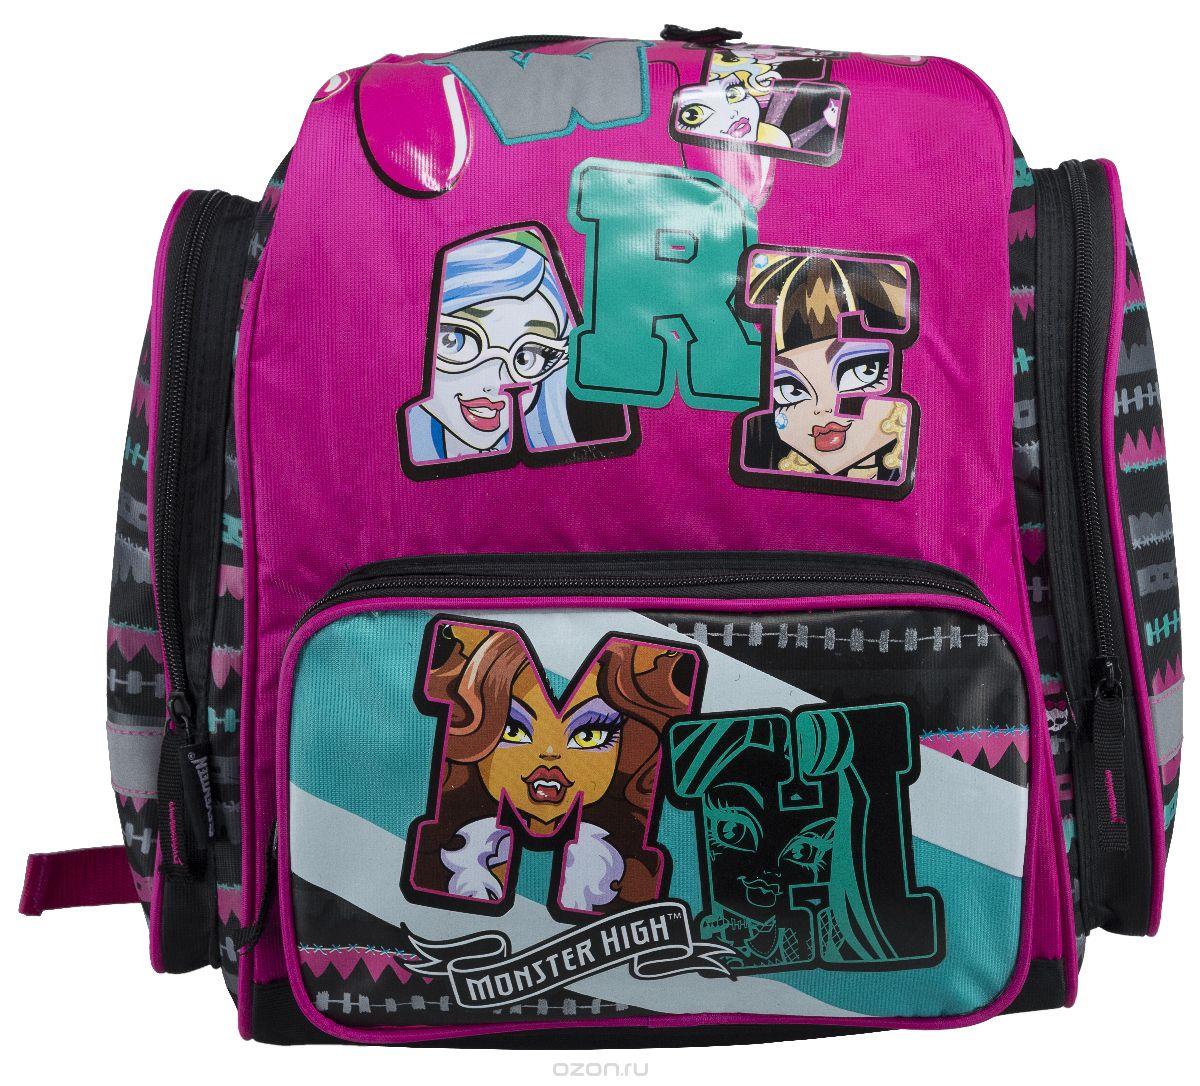 Рюкзак школьный Monster High, цвет: розовый, черный. MHCB-MT1-945MHCB-MT1-945Рюкзак школьный Monster High понравится каждой девочке-поклоннице мультсериала Школа монстров. Выполнен из прочных и высококачественных материалов, дополнен изображением учениц Monster High.Содержит одно вместительное отделение, закрывающееся на застежку-молнию с двумя бегунками. Лицевая сторона оснащена накладным карманом на застежке-молнии. По бокам расположены два накладных кармана на молнии. Специально разработанная архитектура спинки со стабилизирующими набивными элементами повторяет естественный изгиб позвоночника. Набивные элементы обеспечивают вентиляцию спины ребенка. Мягкие широкие лямки позволяют легко и быстро отрегулировать рюкзак в соответствии с ростом. Рюкзак оснащен эргономичной ручкой для удобной переноски в руке. Светоотражающие элементы обеспечивают безопасность в темное время суток.Такой школьный рюкзак станет незаменимым спутником вашего ребенка в походах за знаниями.Вес рюкзака без наполнения: 700 г.Рекомендуемый возраст: от 12 лет.